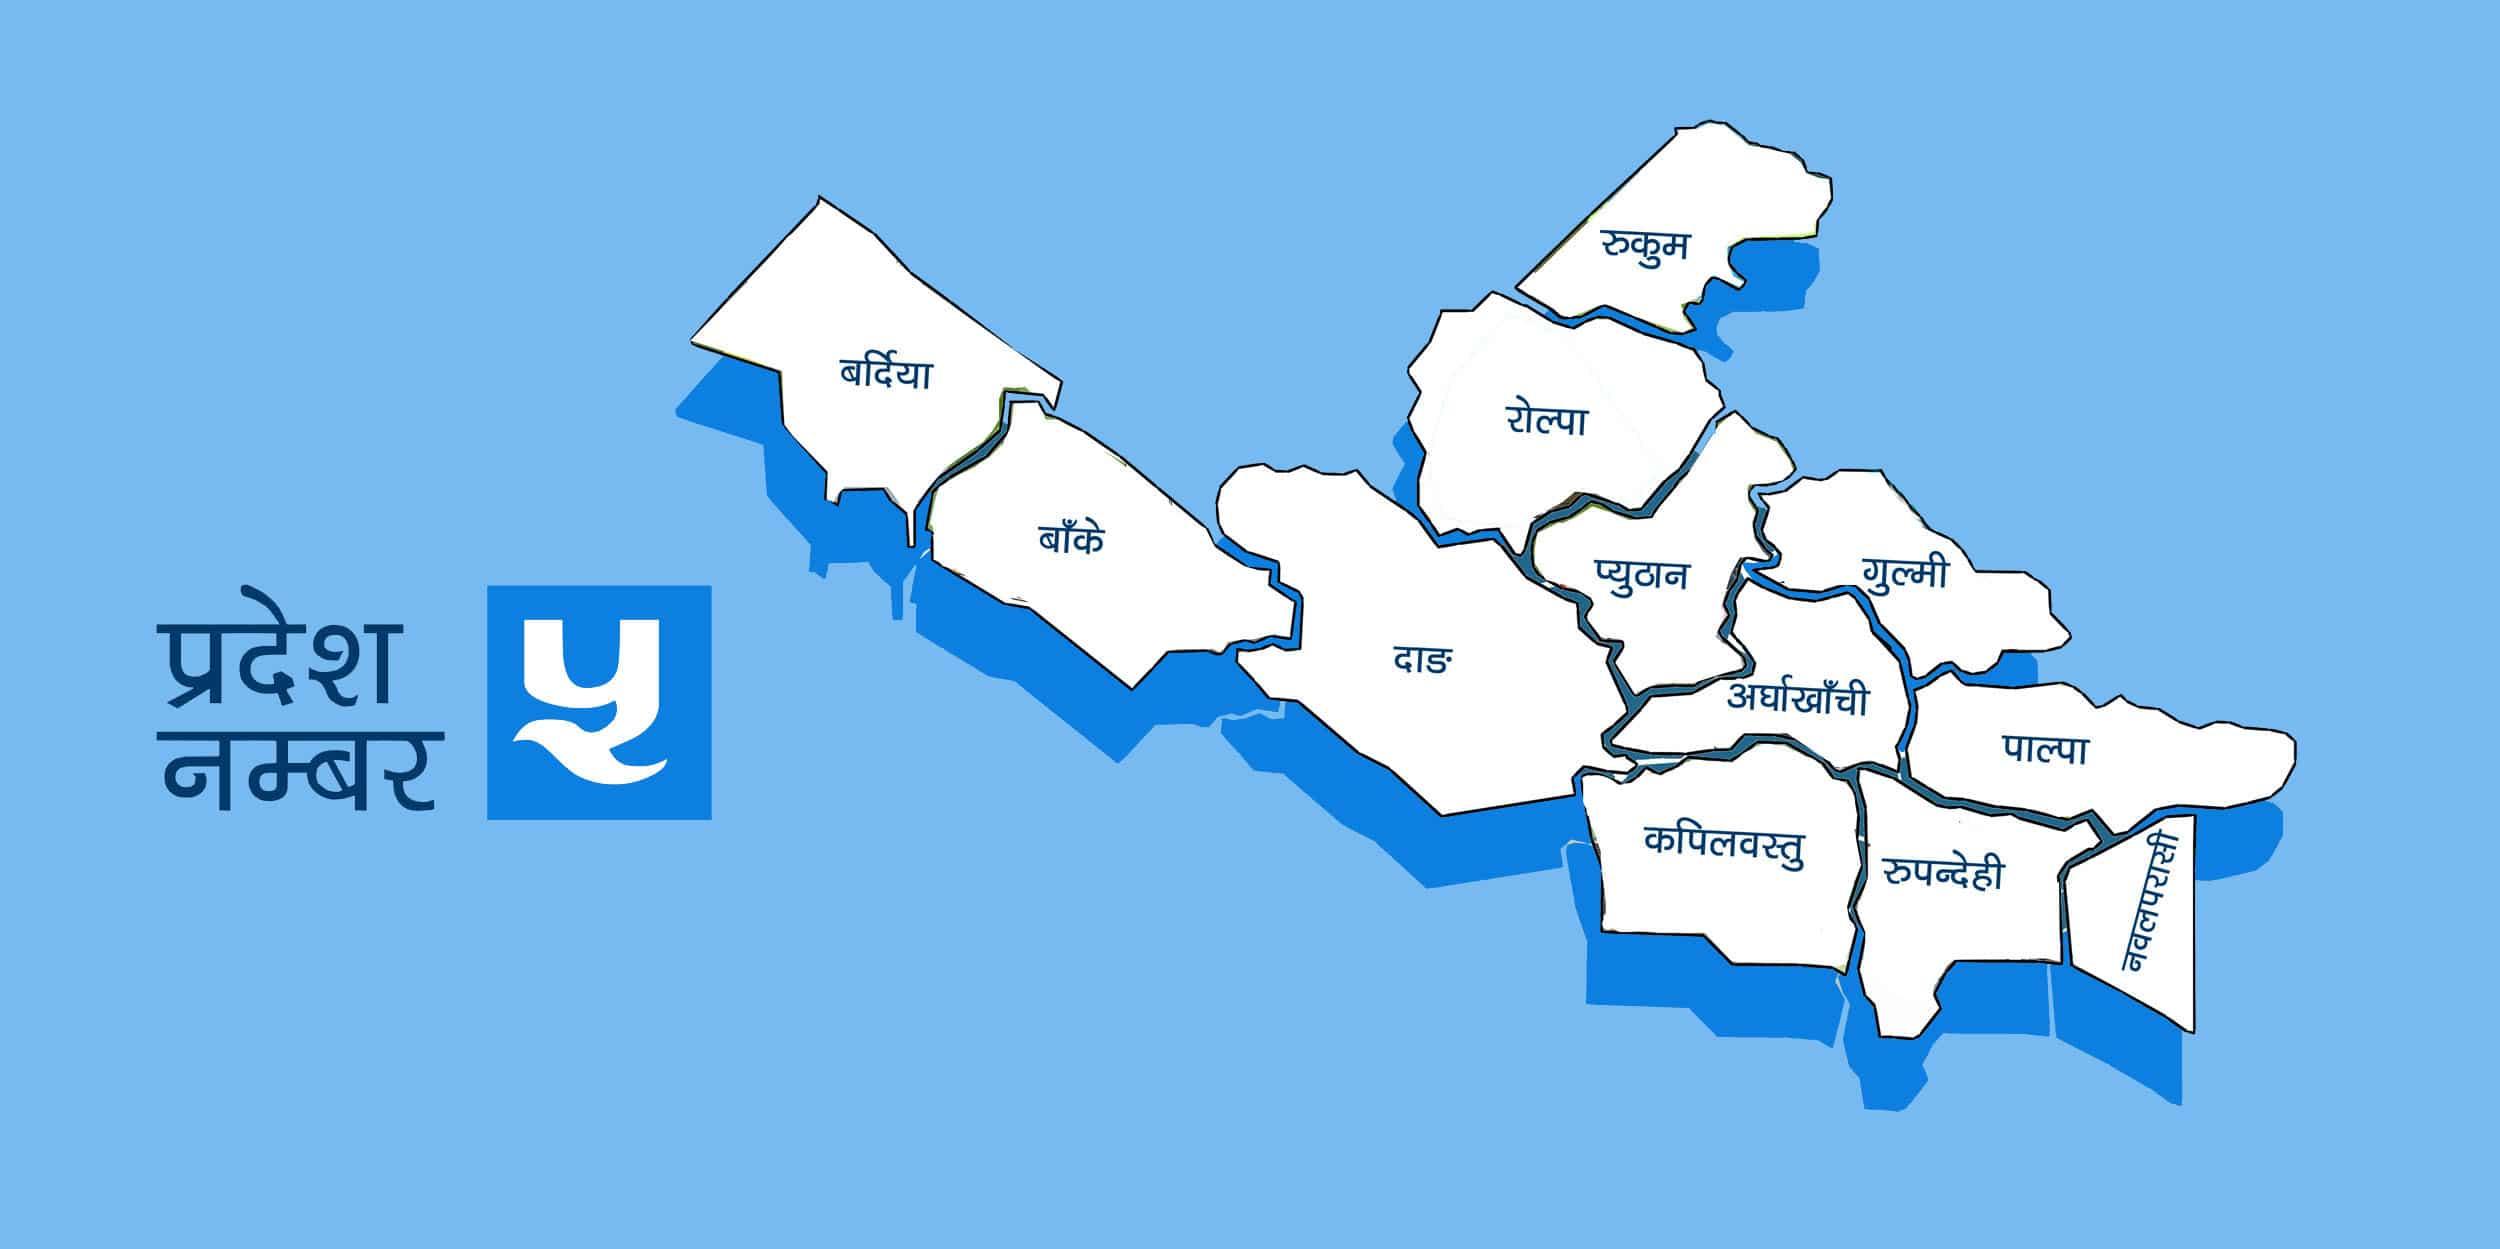 लुम्बिनी प्रदेशको राजधानी फेरि विवादमा